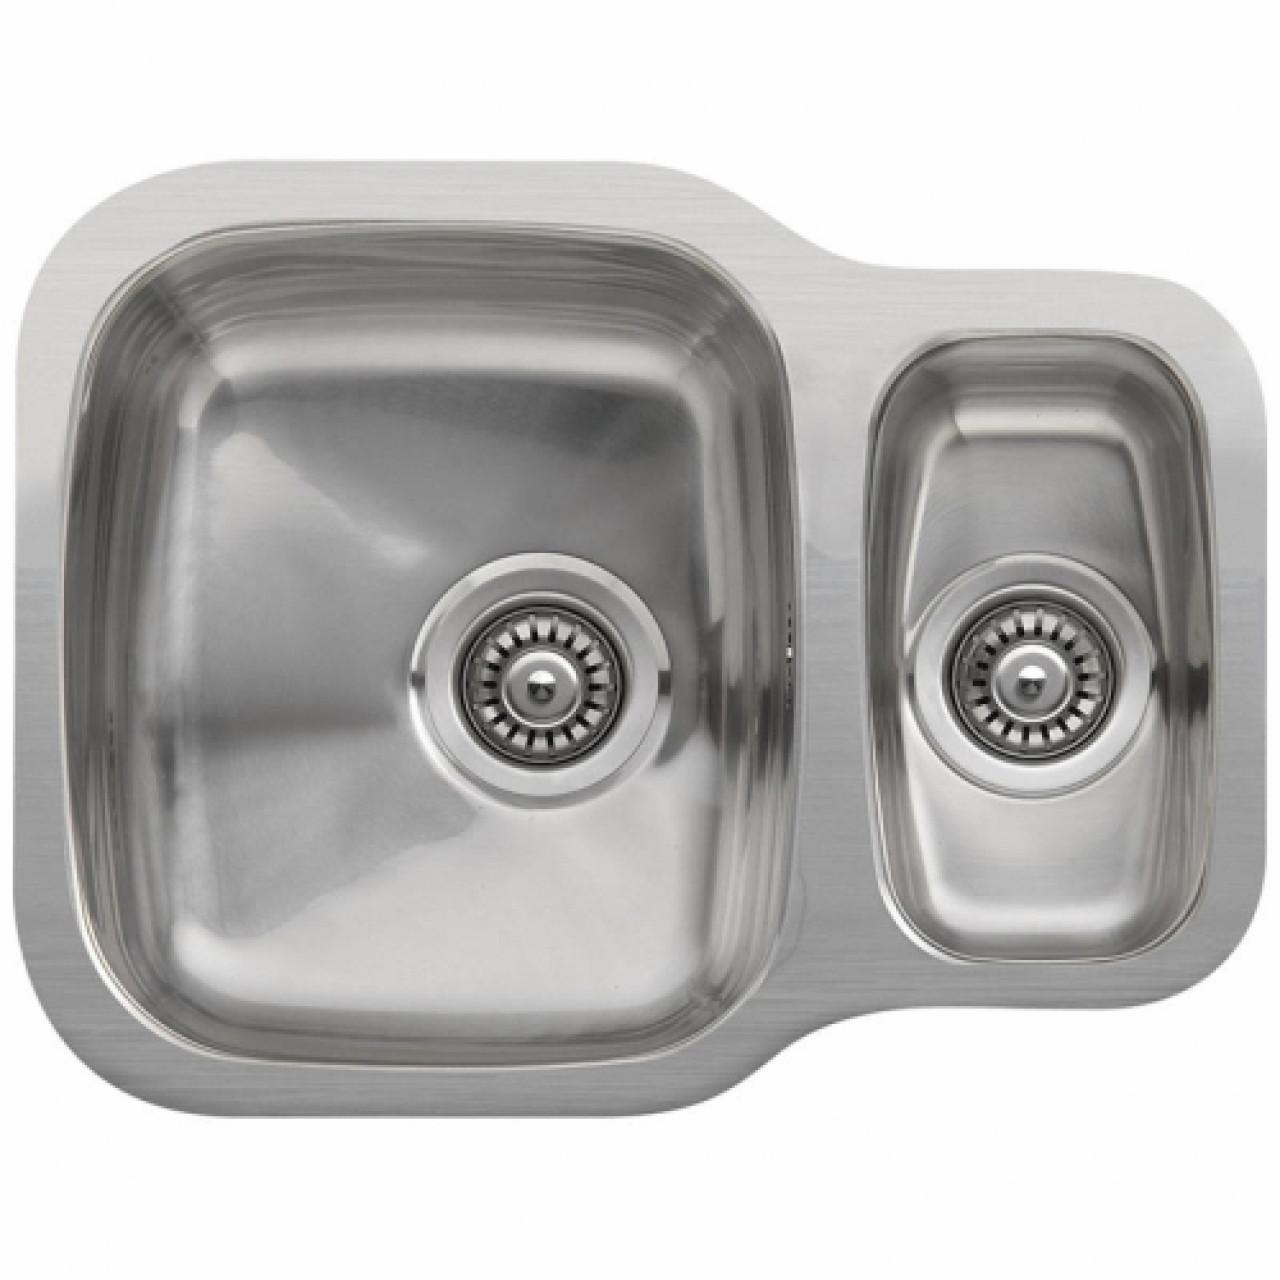 Кухонная мойка Reginox Nebraska U LUX OKG 43374 купить в Москве по цене от 23300р. в интернет-магазине mebel-v-vannu.ru